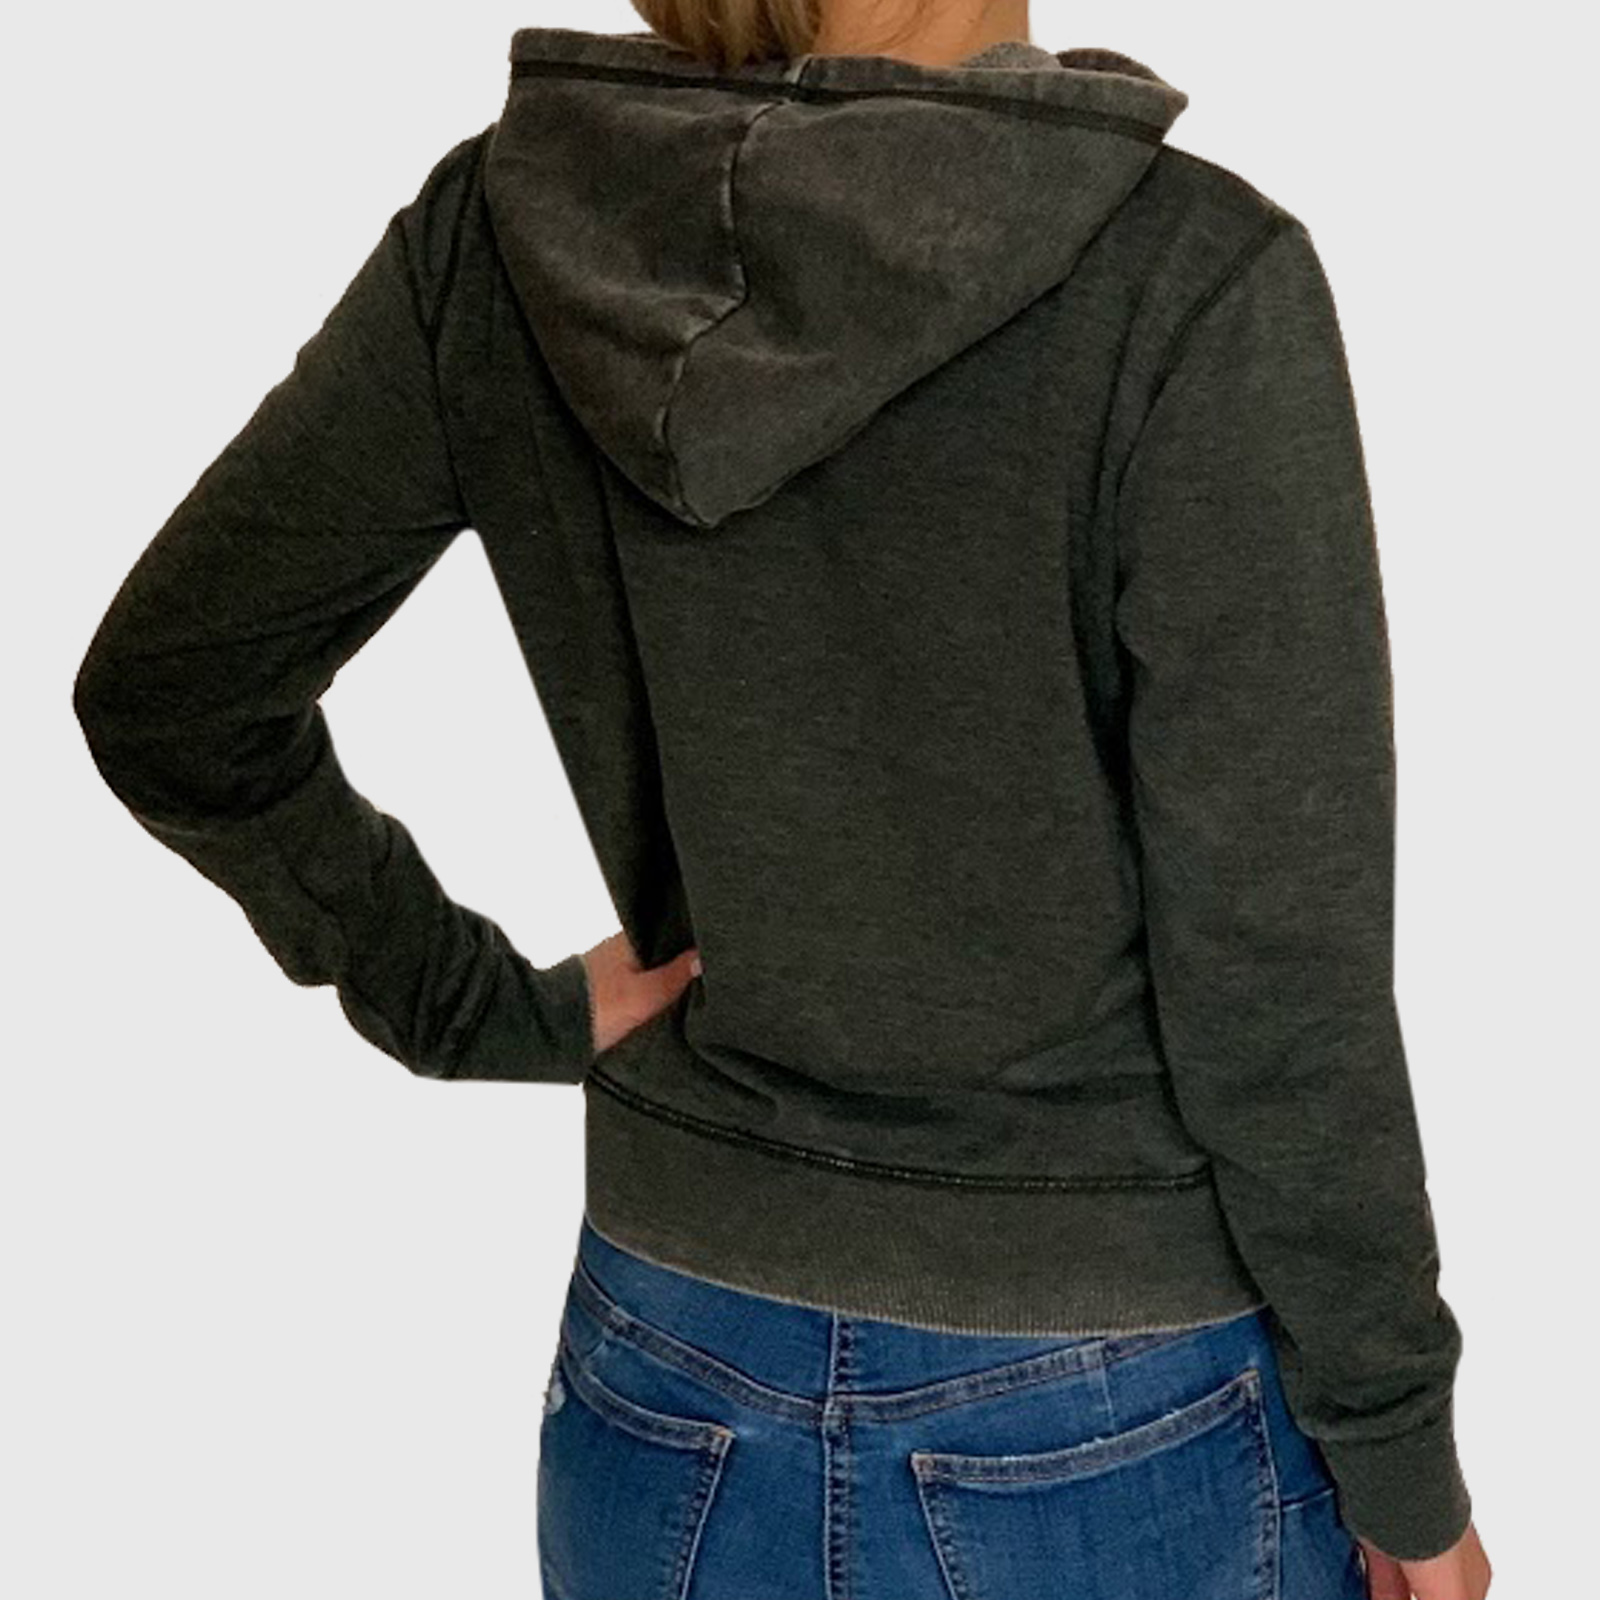 Купить в интернет магазине женскую толстовку с капюшоном